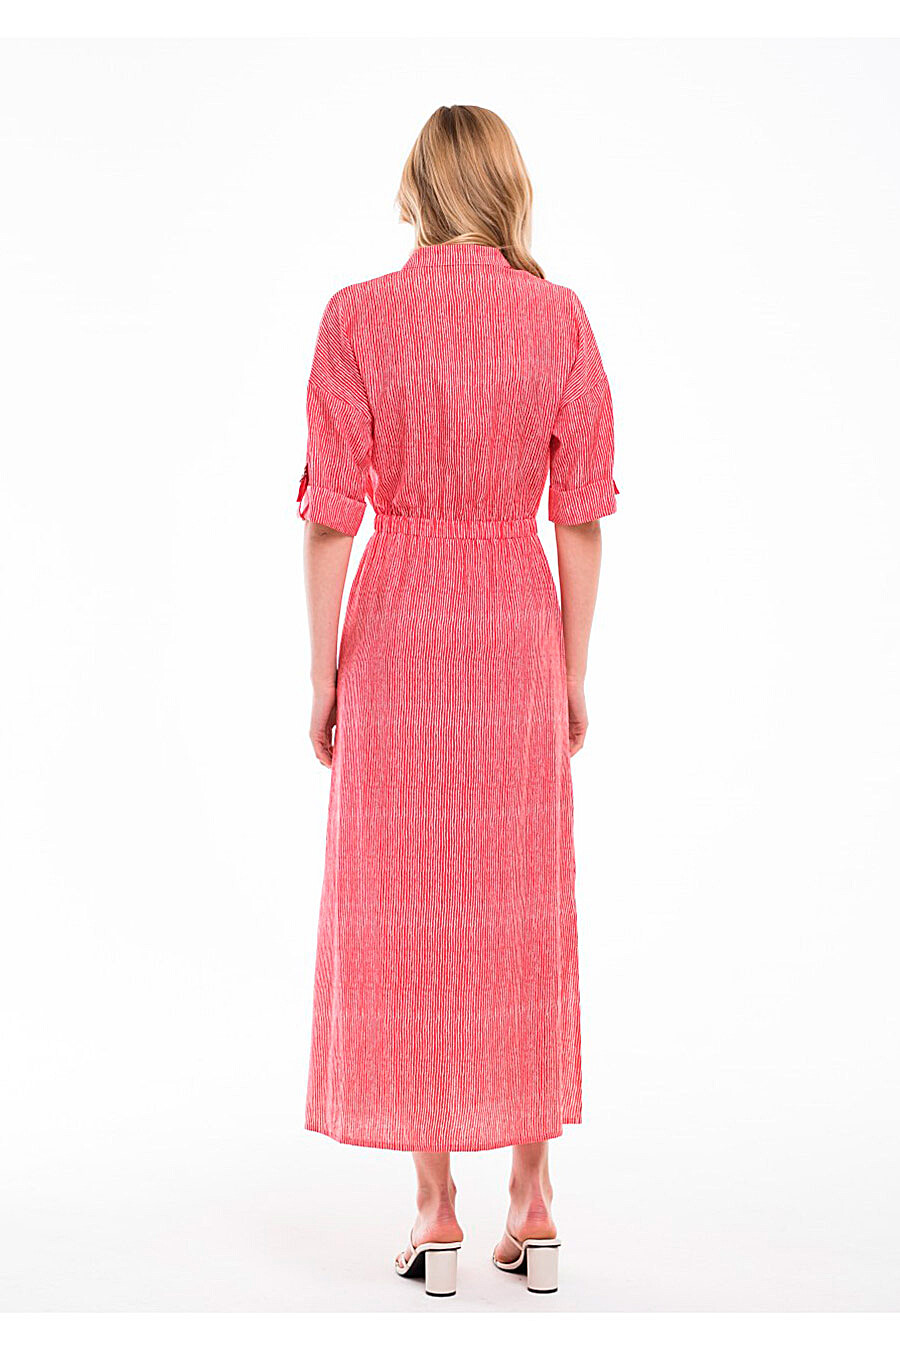 Платье ARGENT (708216), купить в Moyo.moda